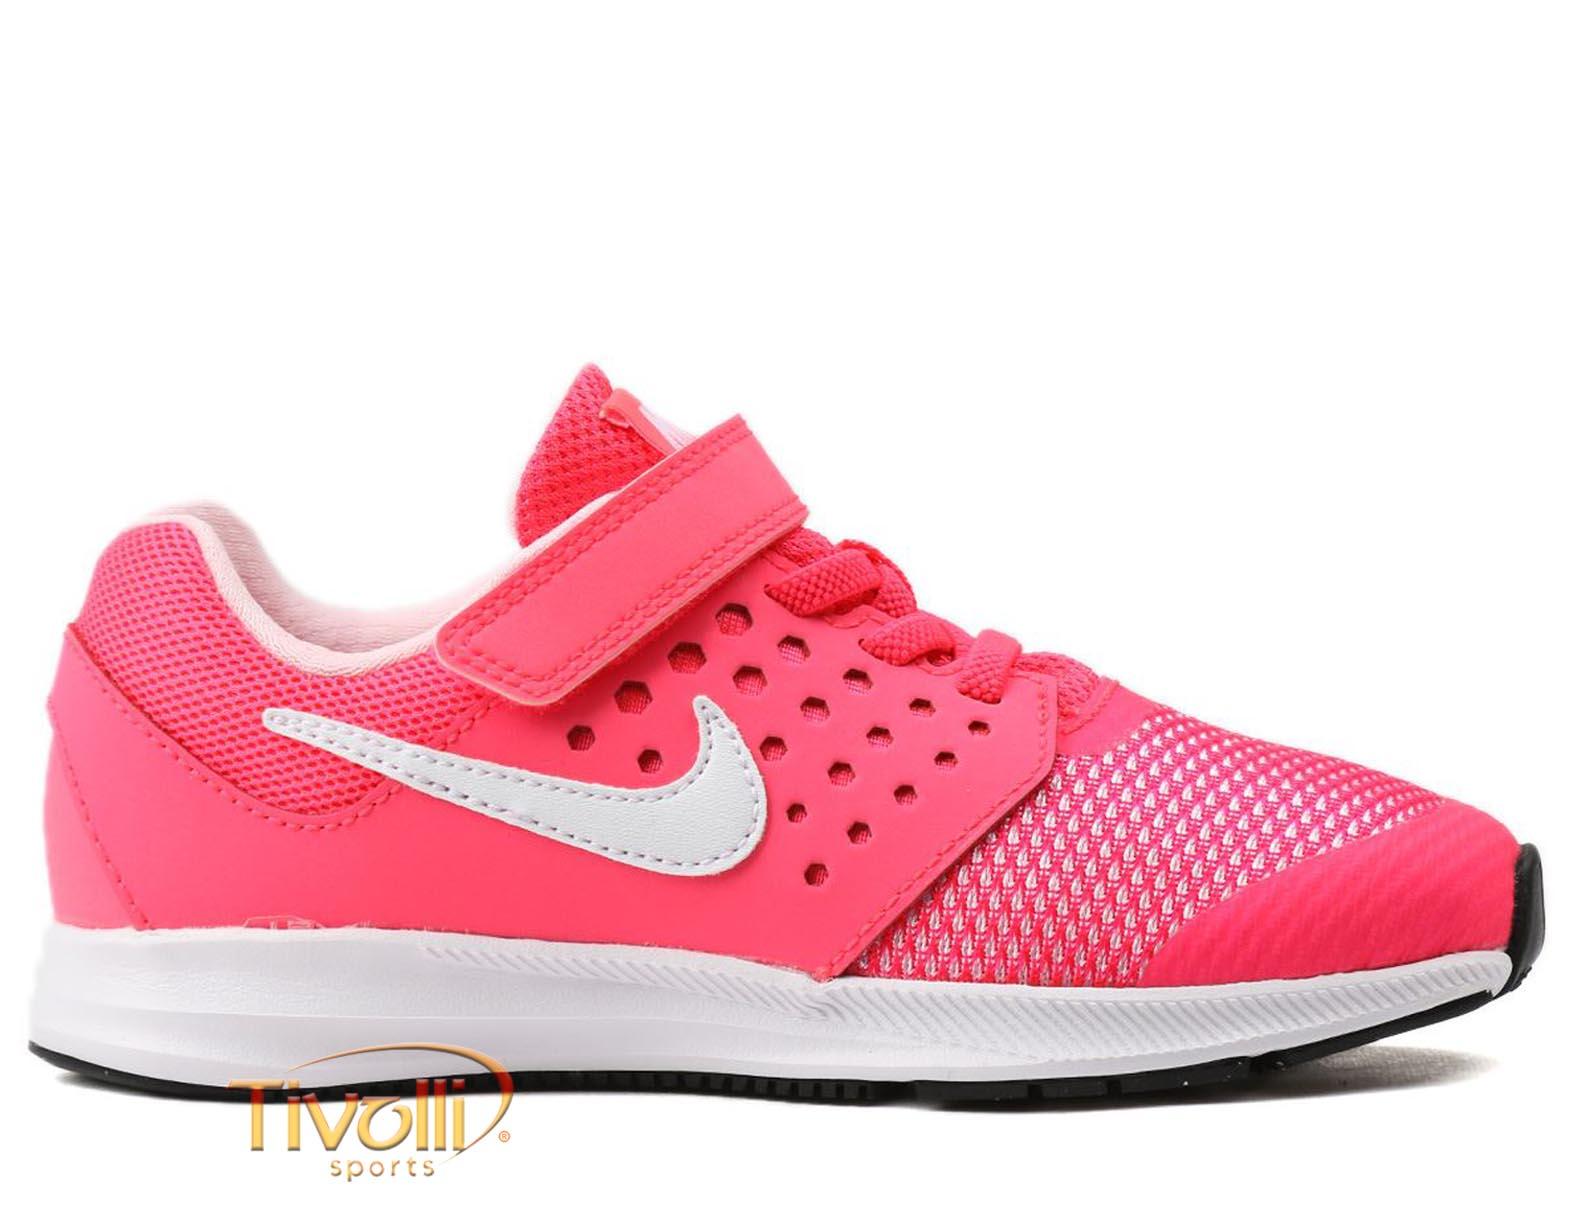 1c033d8d773 Tênis Nike Downshifter 7 (PSV) Infantil   tam. 27 ao 33 Rosa e Branco